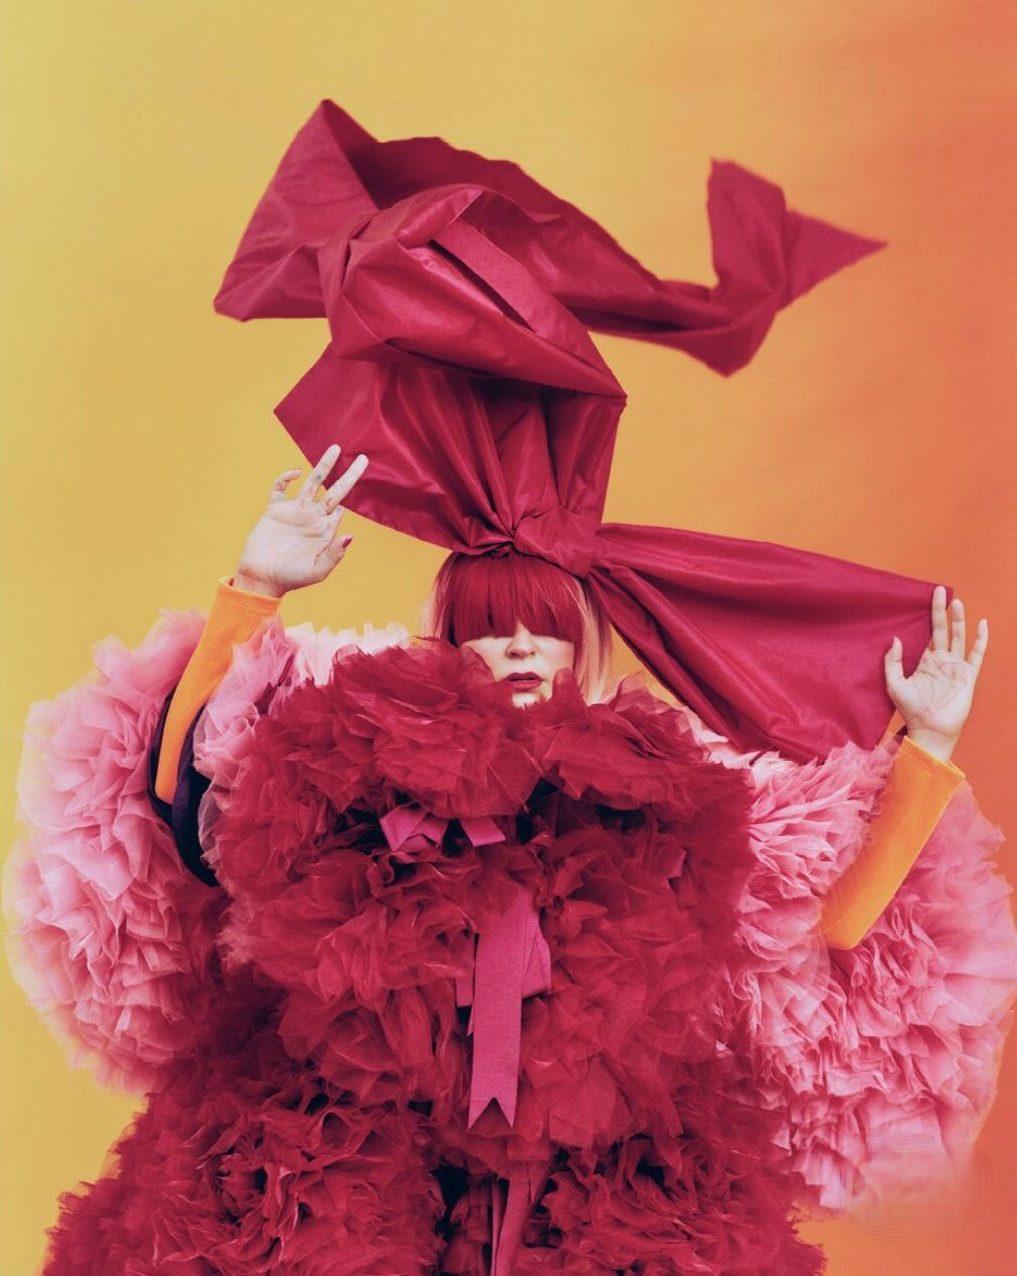 Sia Vogue Australia 3 e1603902289731 - Фото: Sia на обложке Vogue Australia